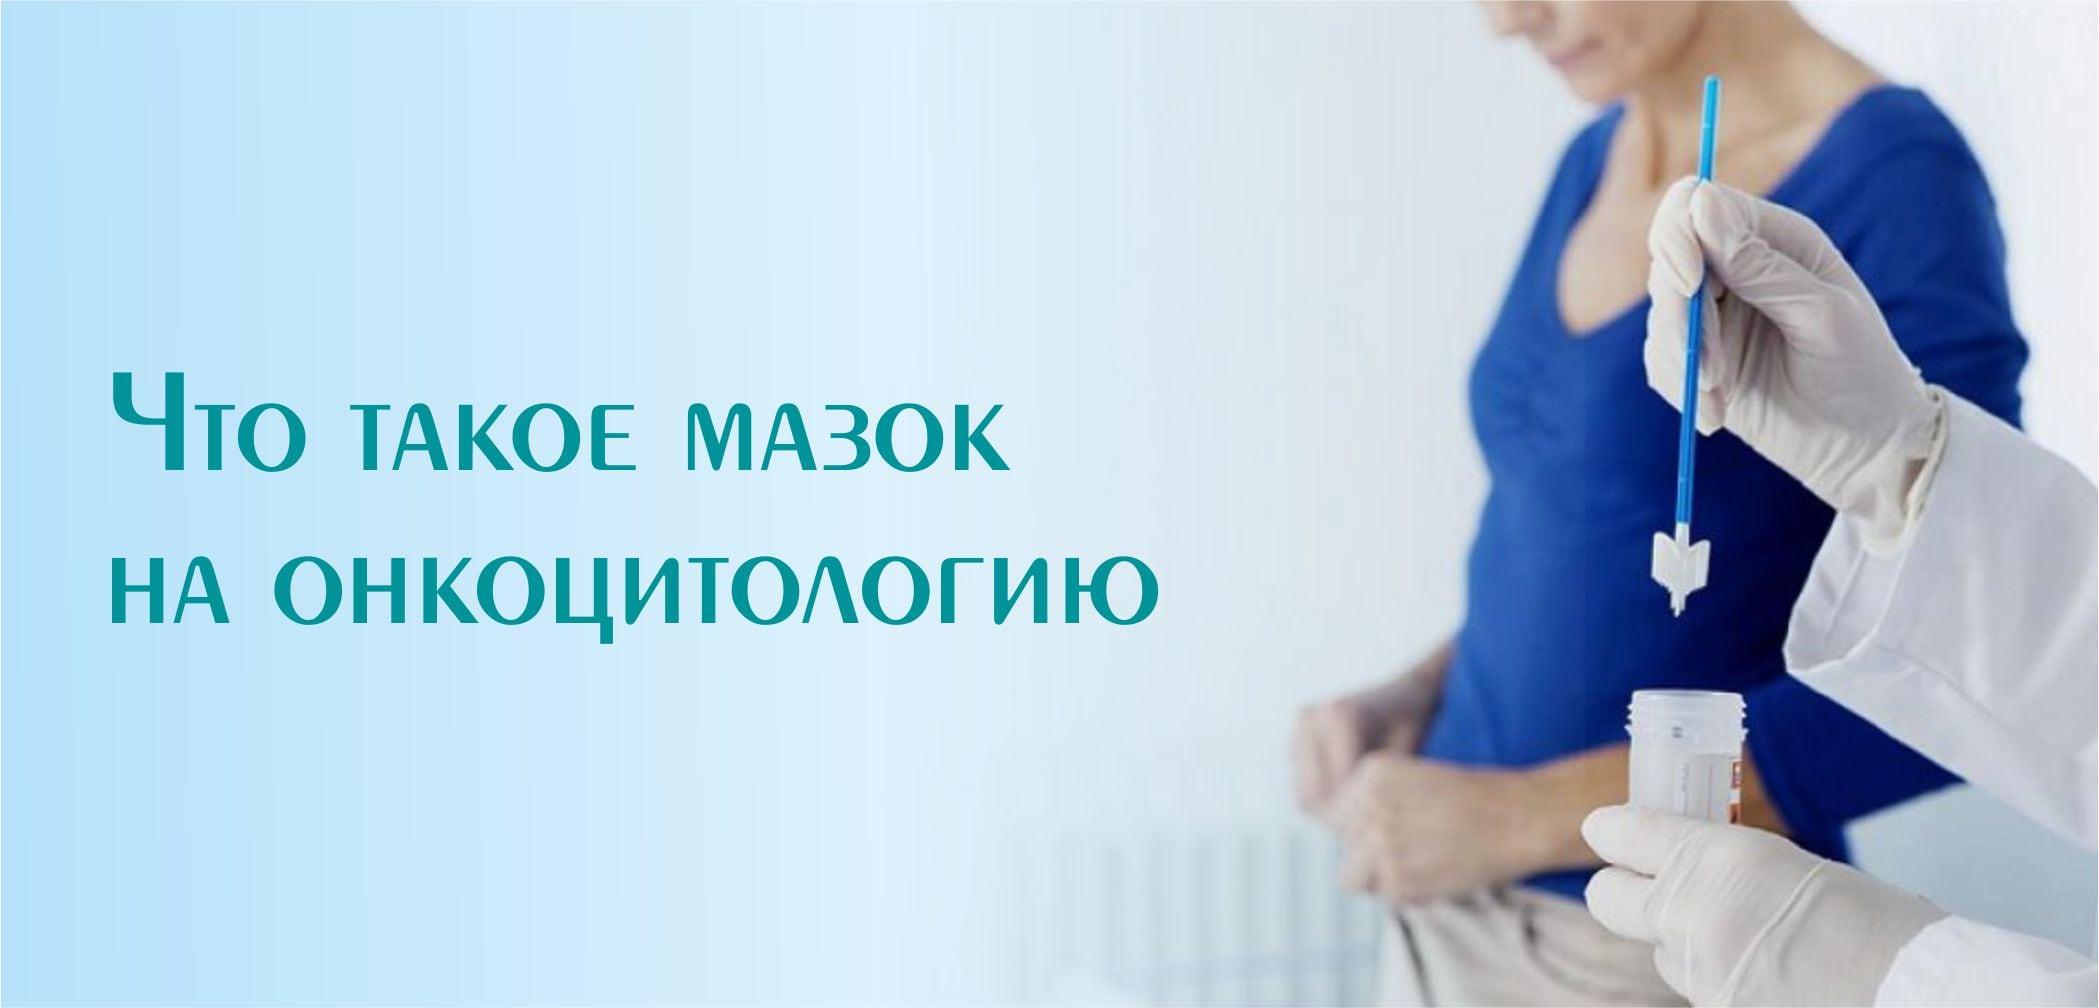 мазок онкоцит